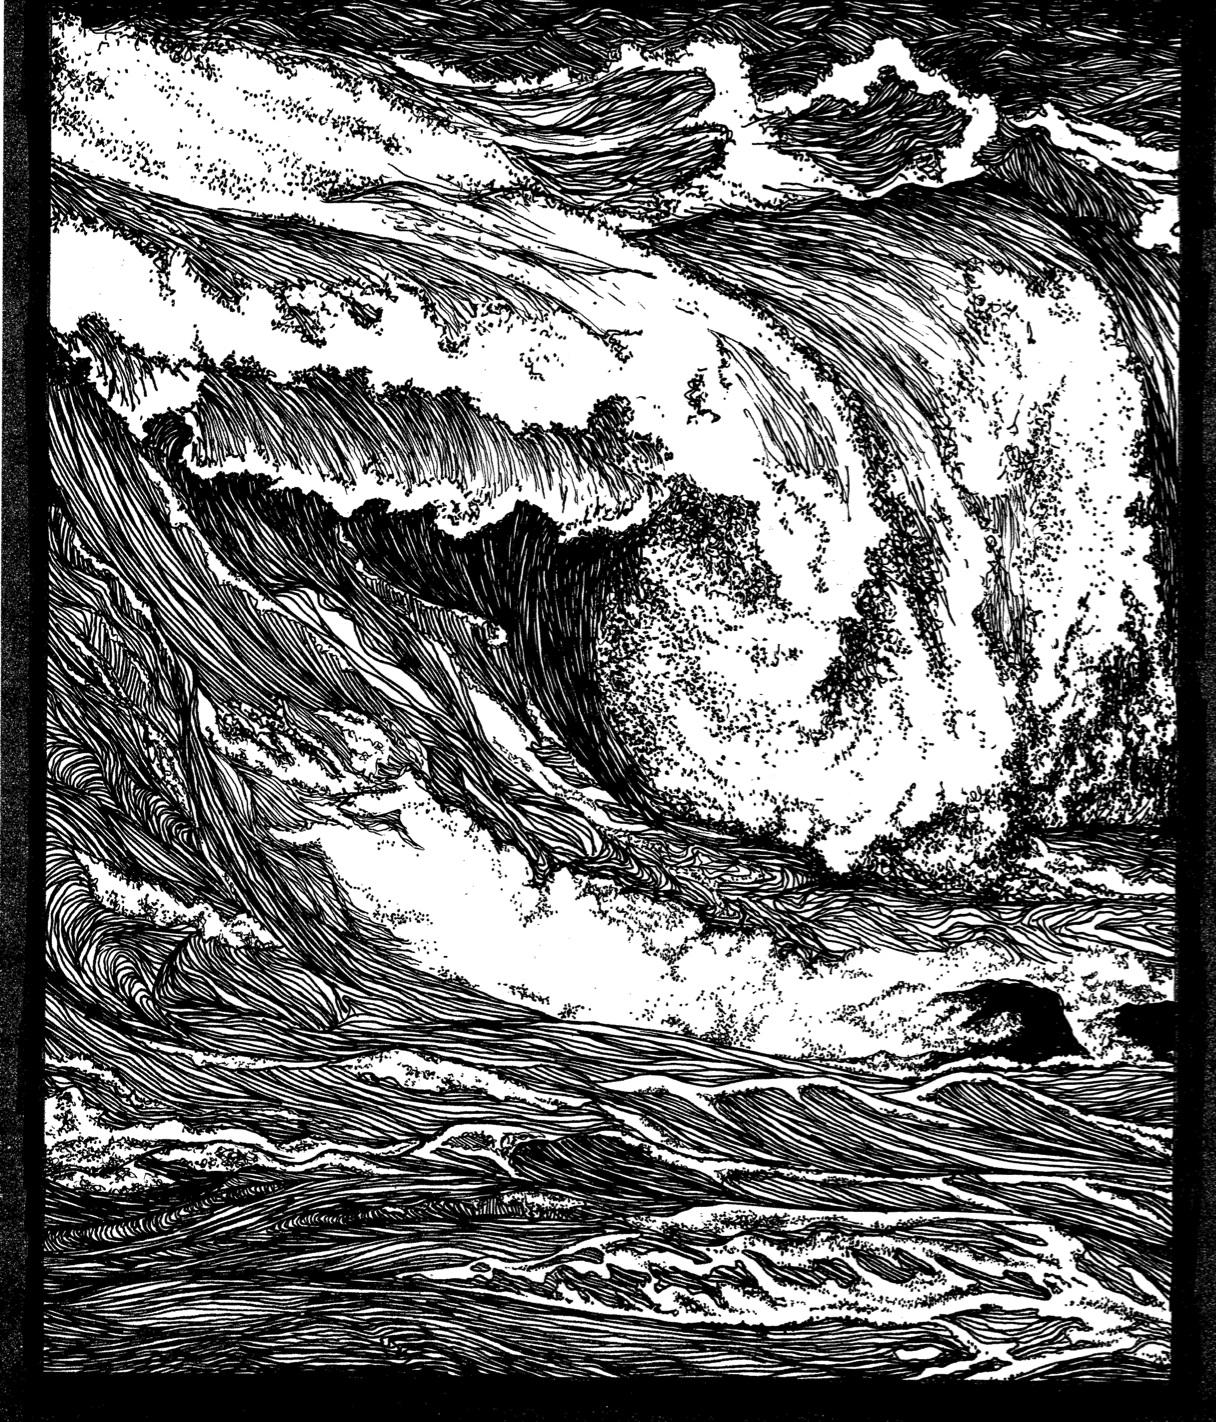 Pen And Ink Illustrations : Ocean illustrations sarah k glaser